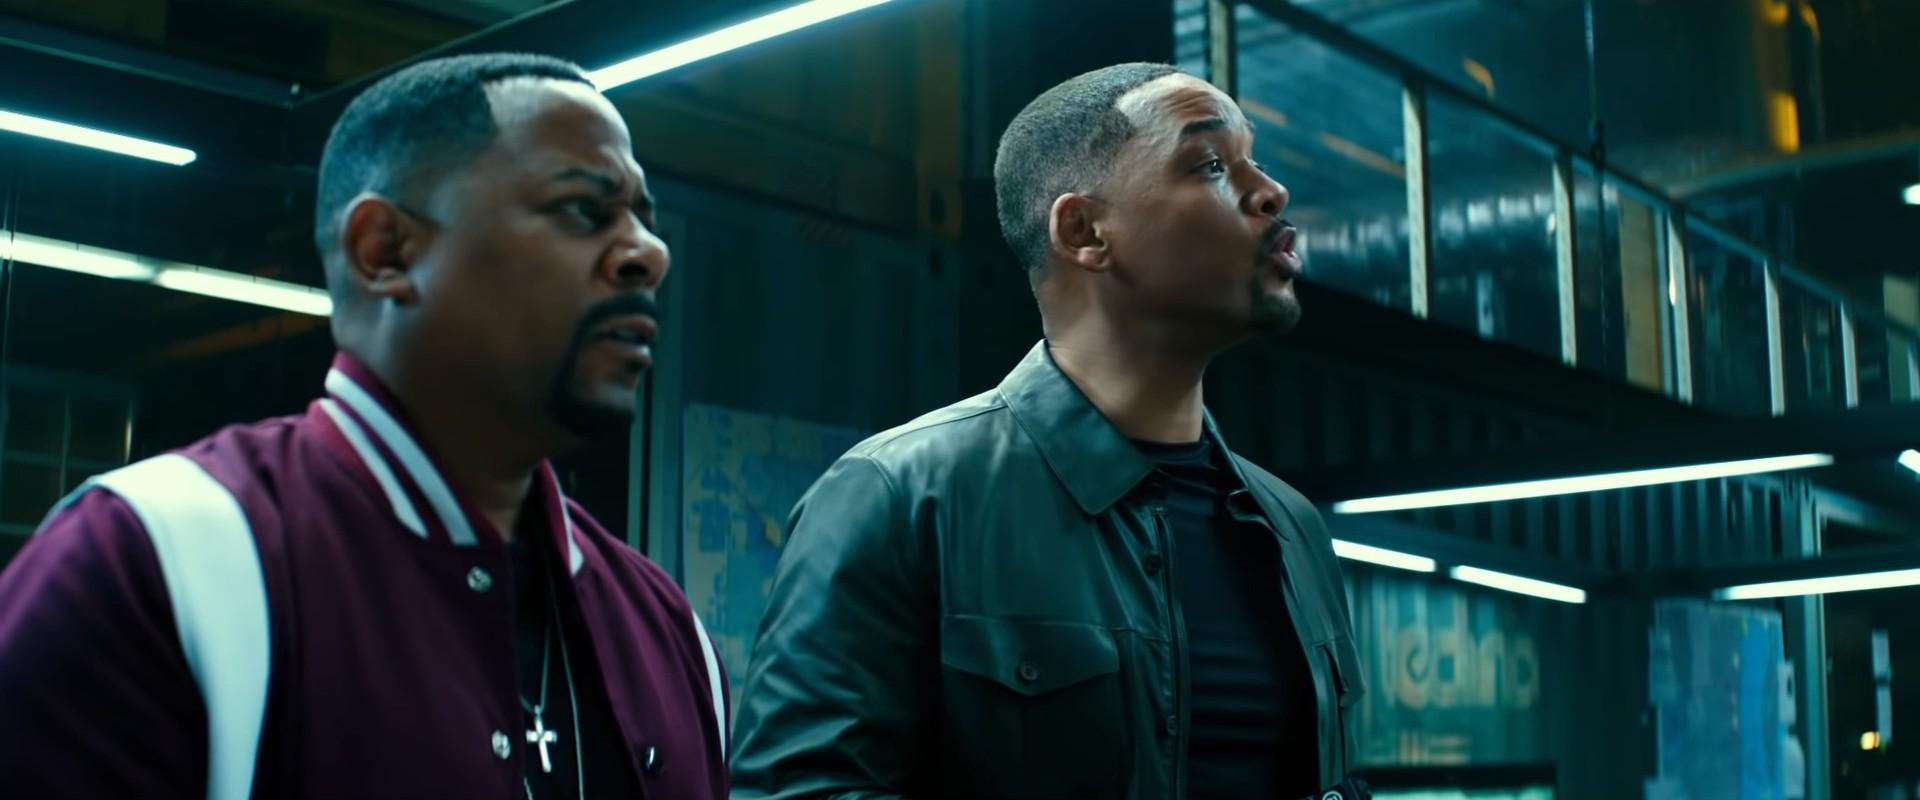 Bad Boys for Life: Will Smith e Martin Lawrence in una scena